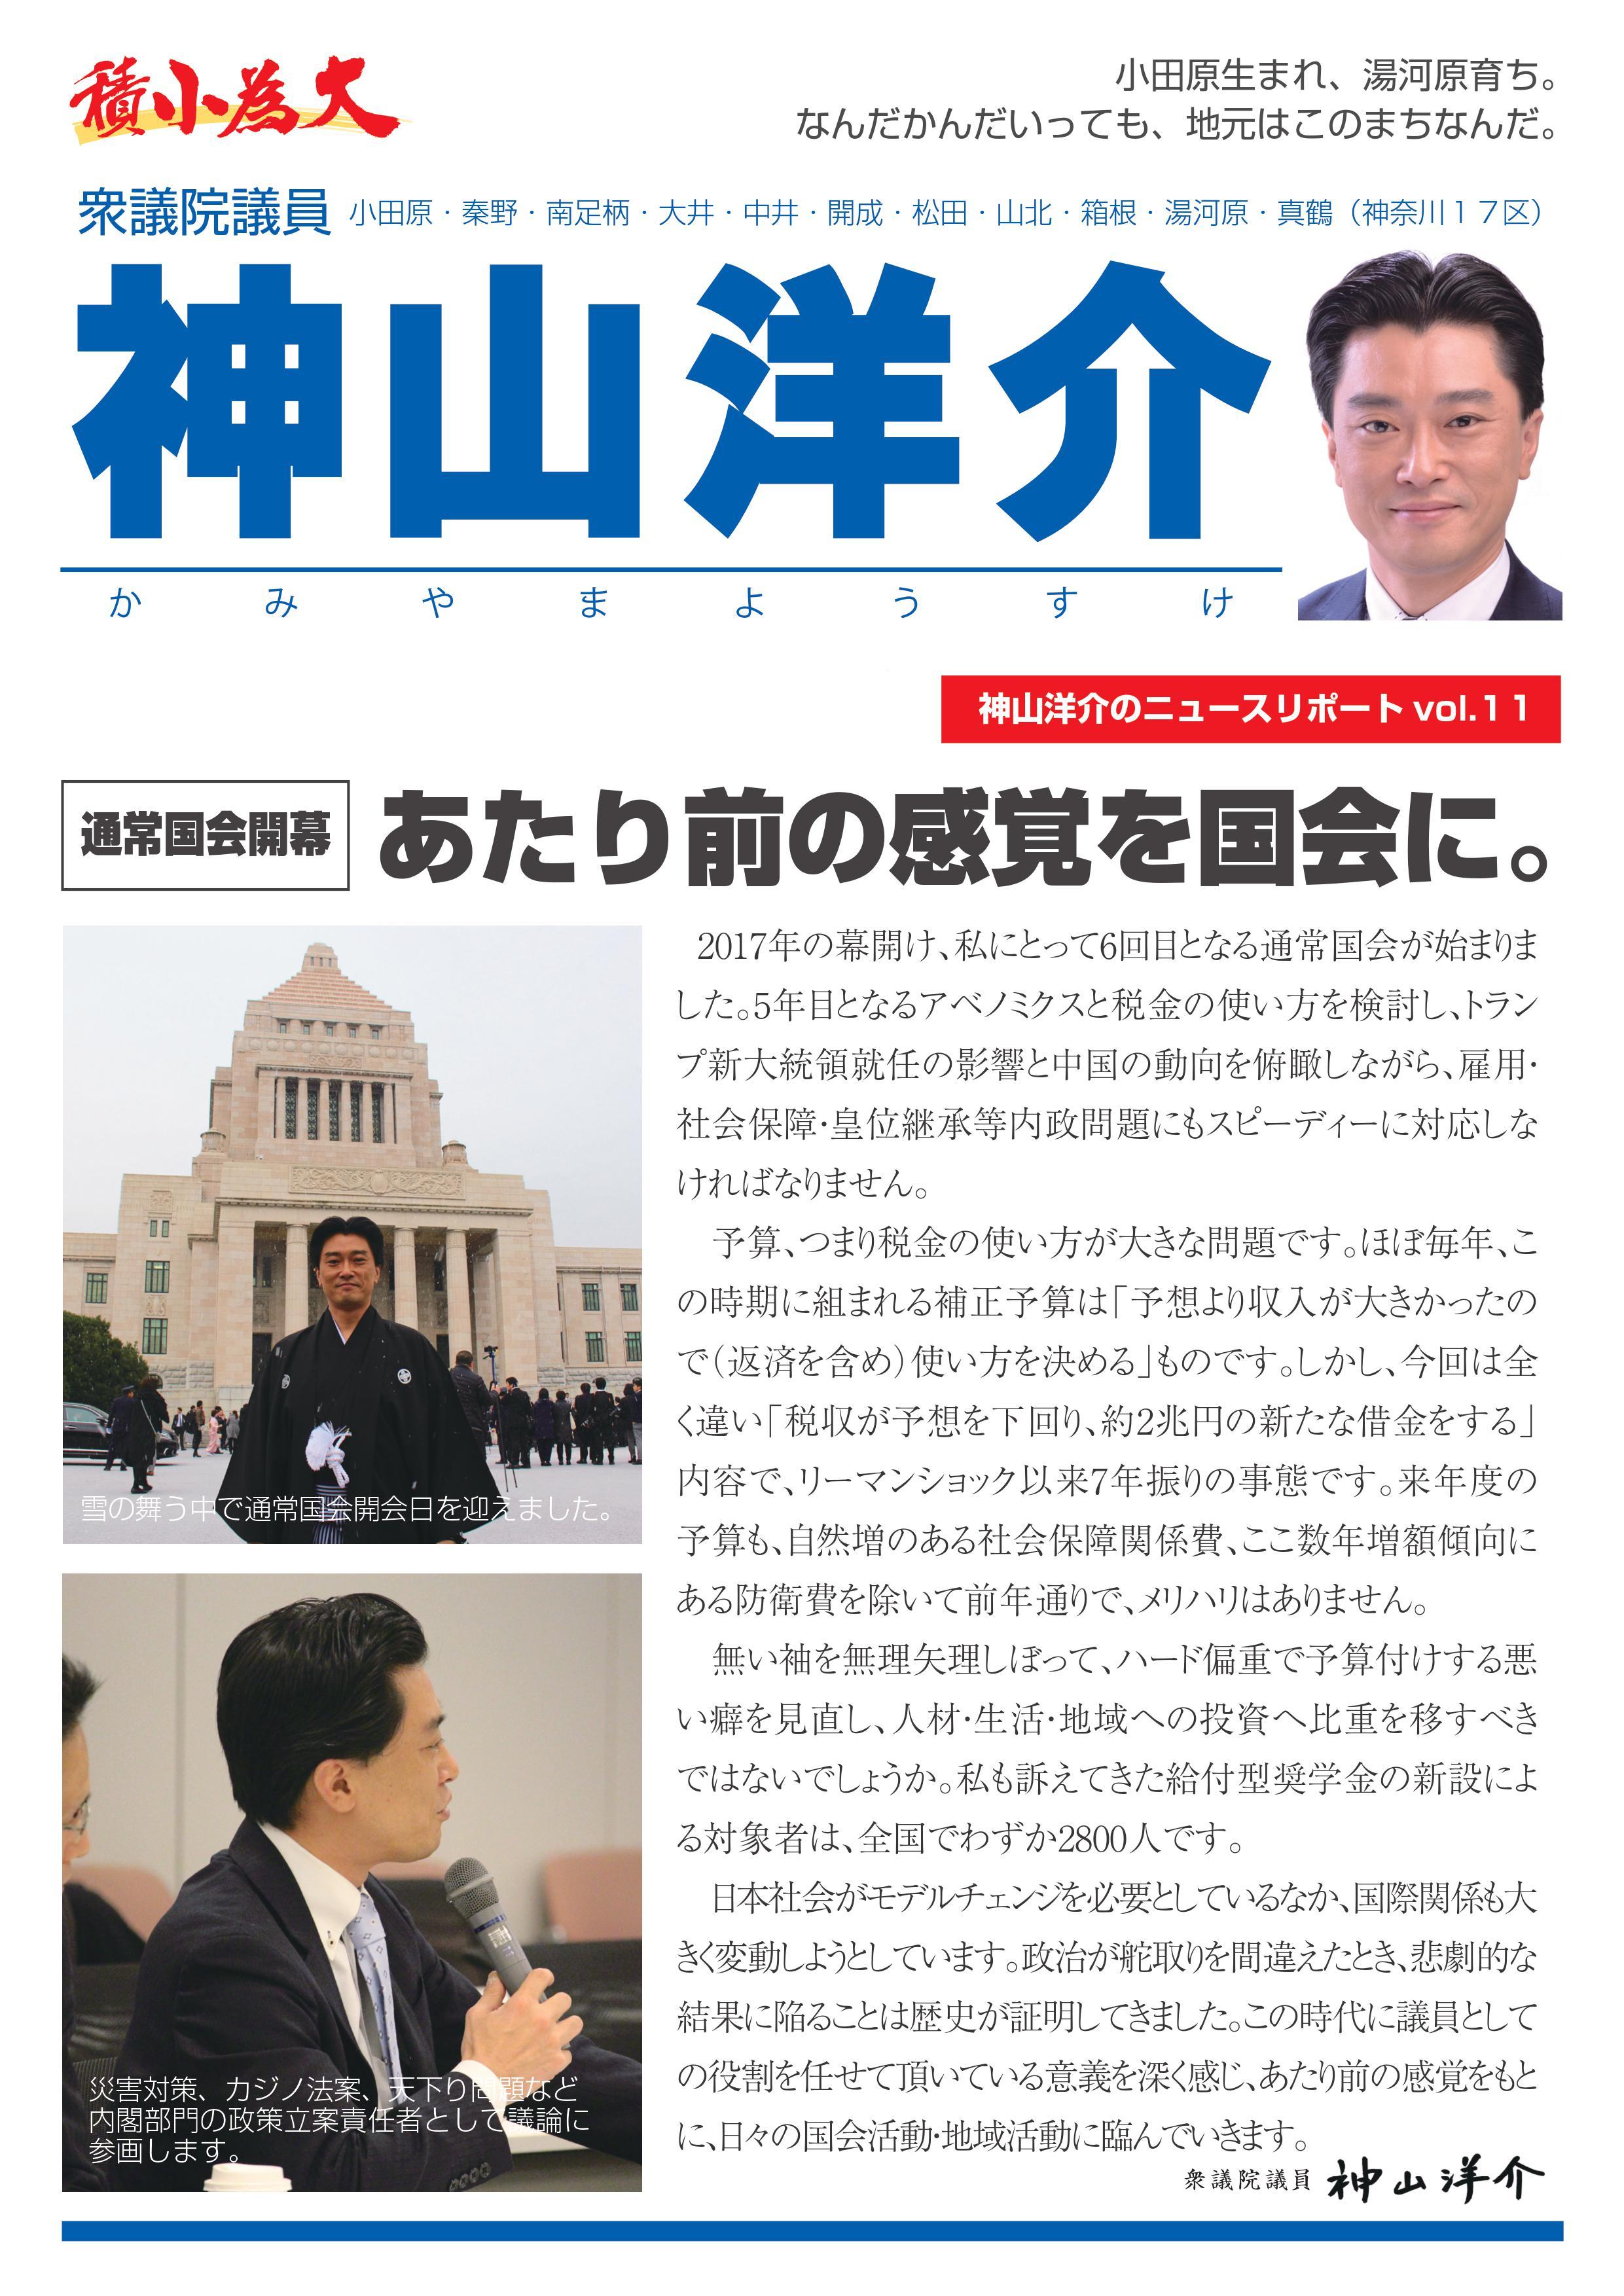 20170201神山洋介ニュースリポートvol.11